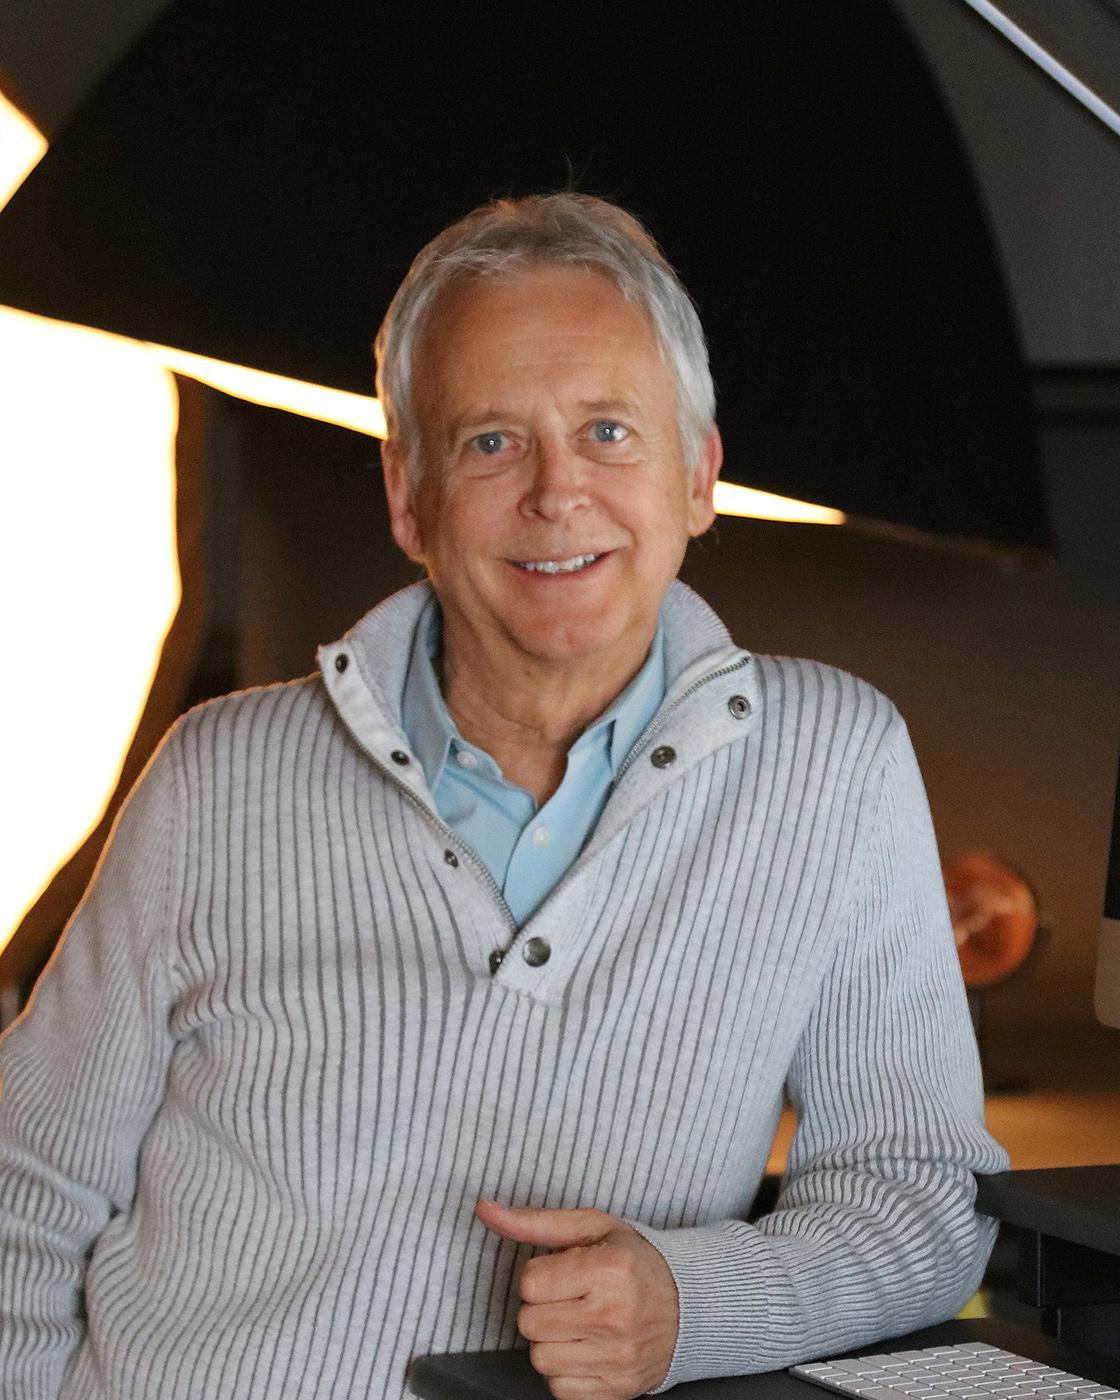 Craig  Bakstad  - Owner